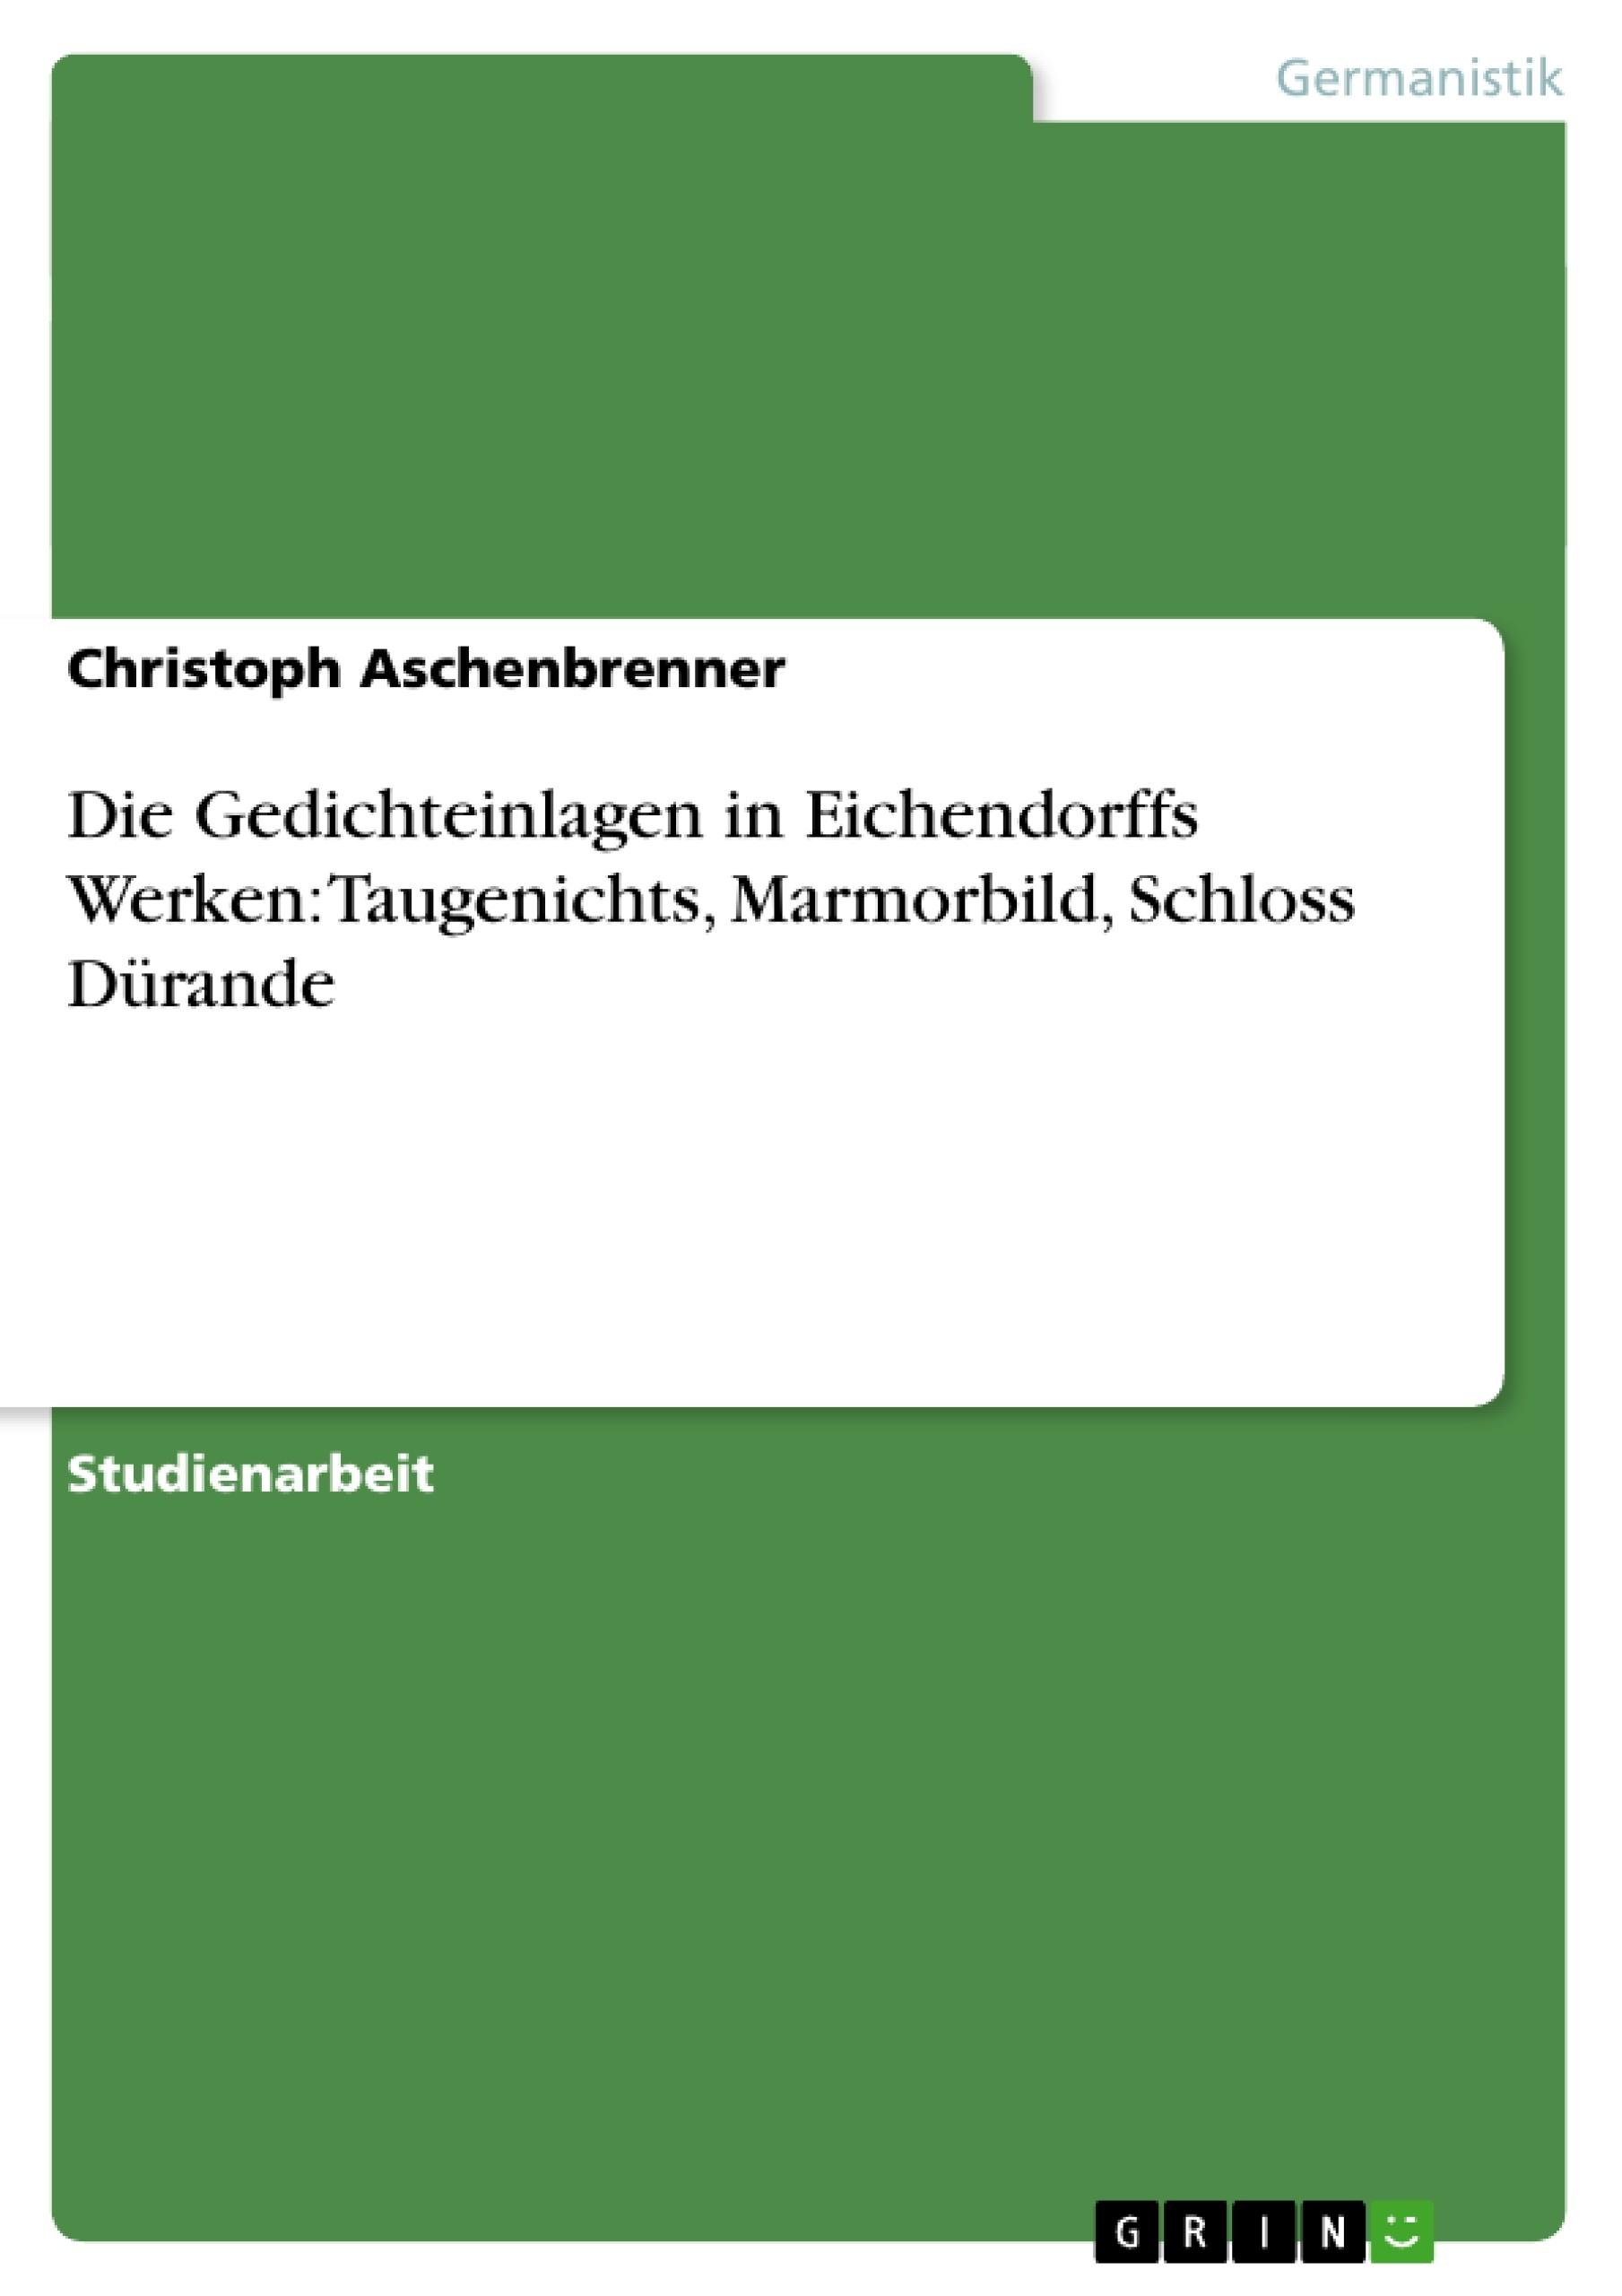 Titel: Die Gedichteinlagen in Eichendorffs Werken: Taugenichts, Marmorbild, Schloss Dürande